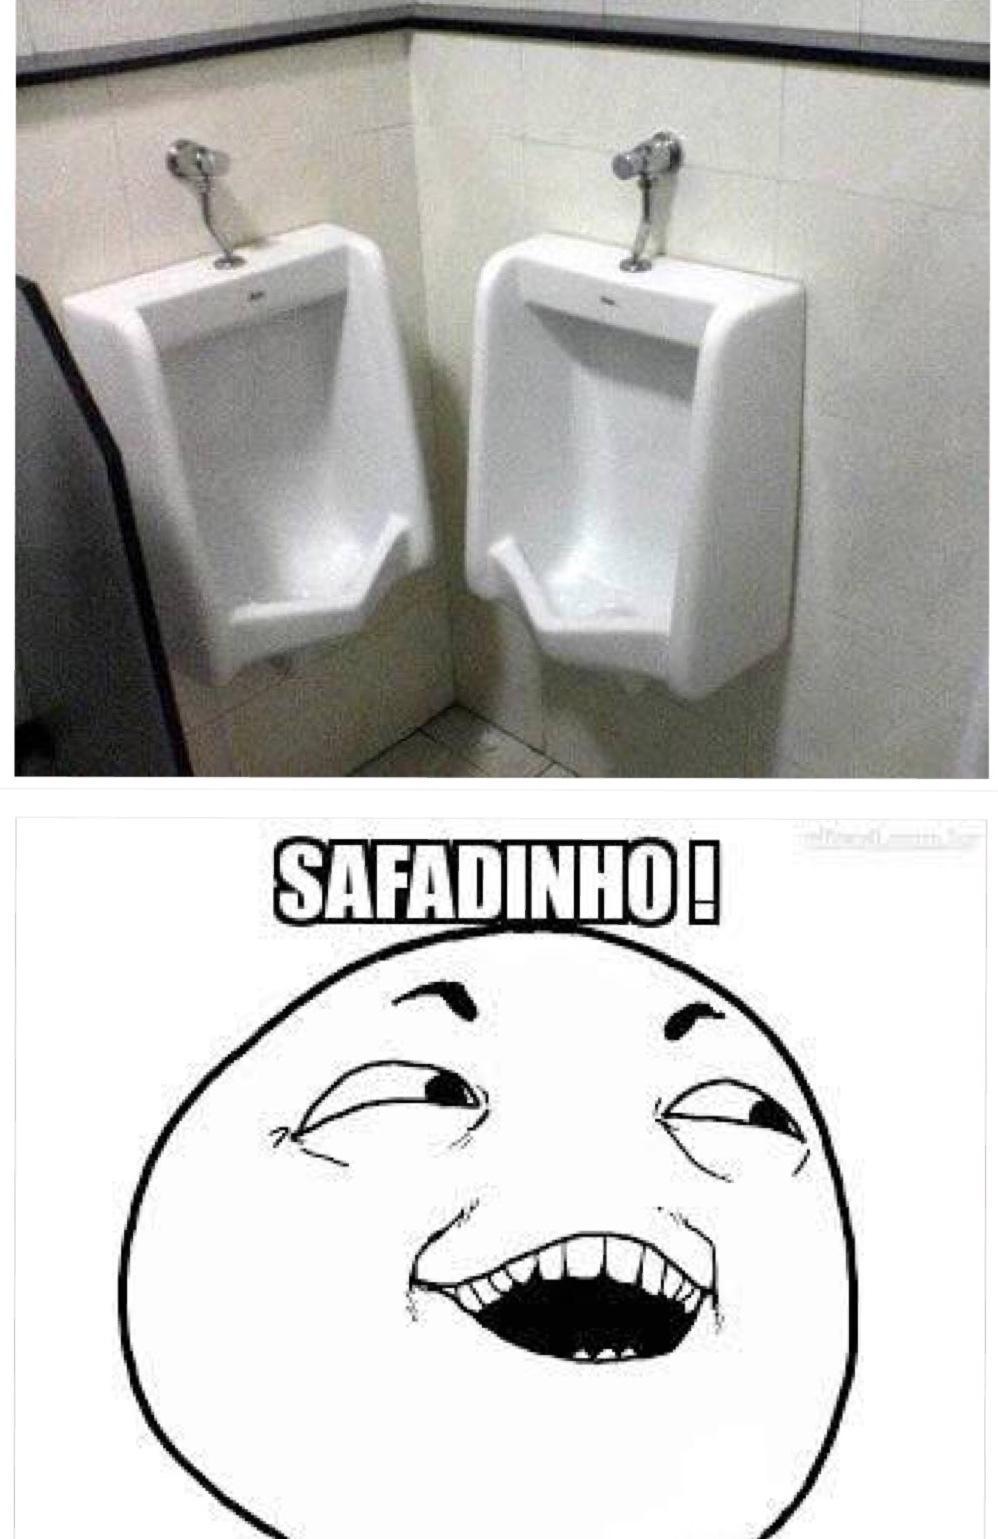 Erros de engenharia #1 - meme